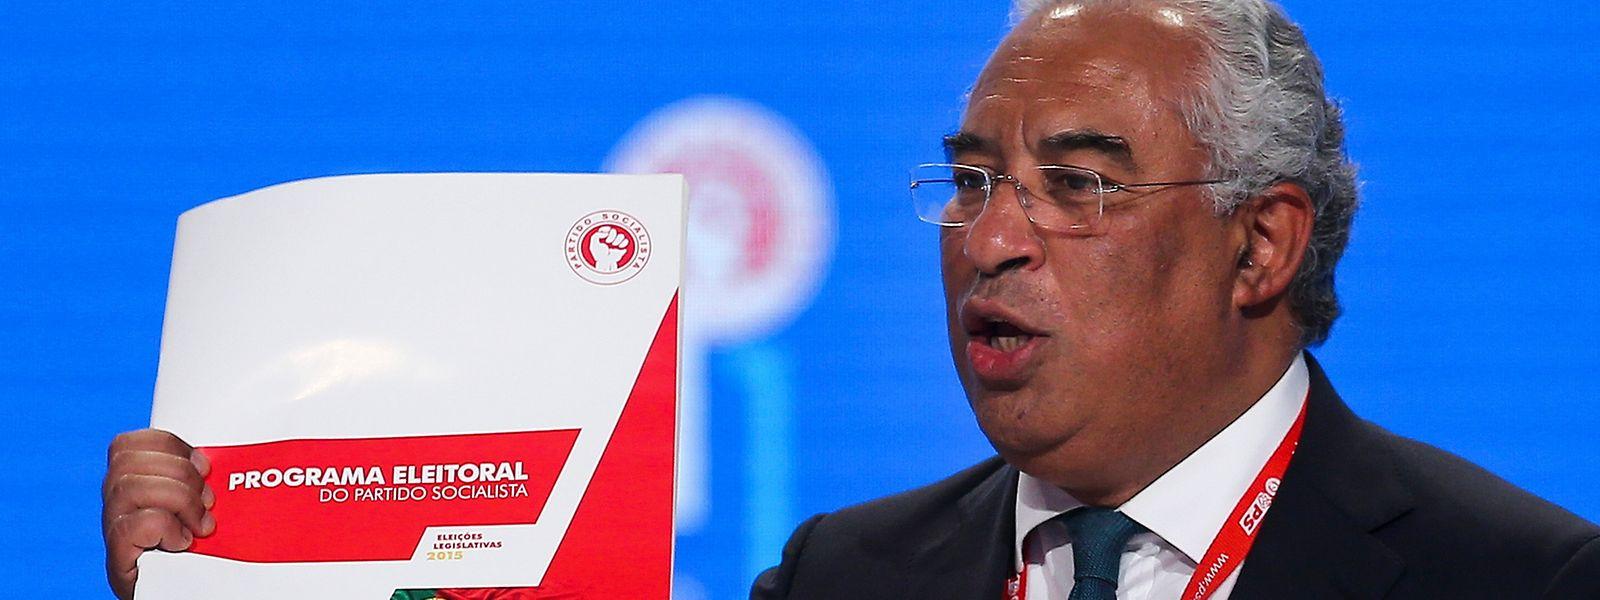 O primeiro-ministro português António Costa